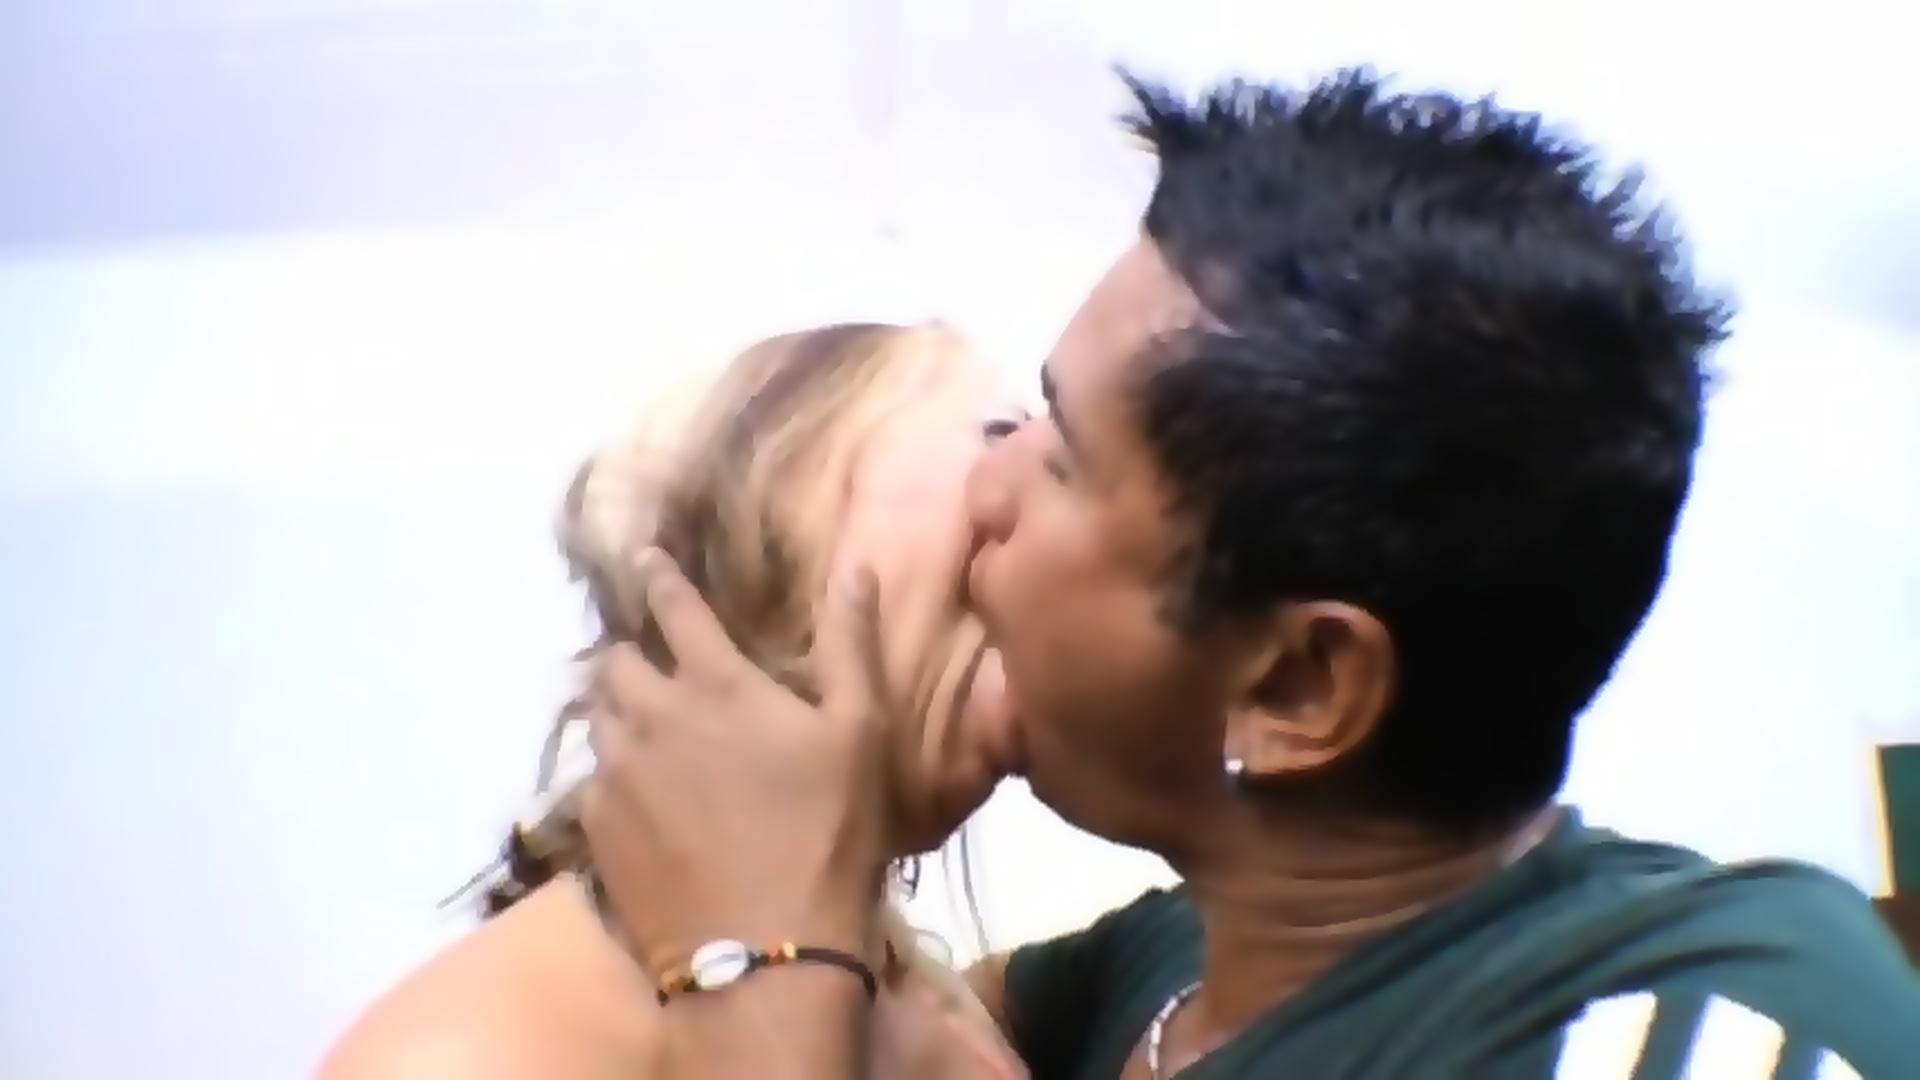 3 Lesbians Sloppy Kissing